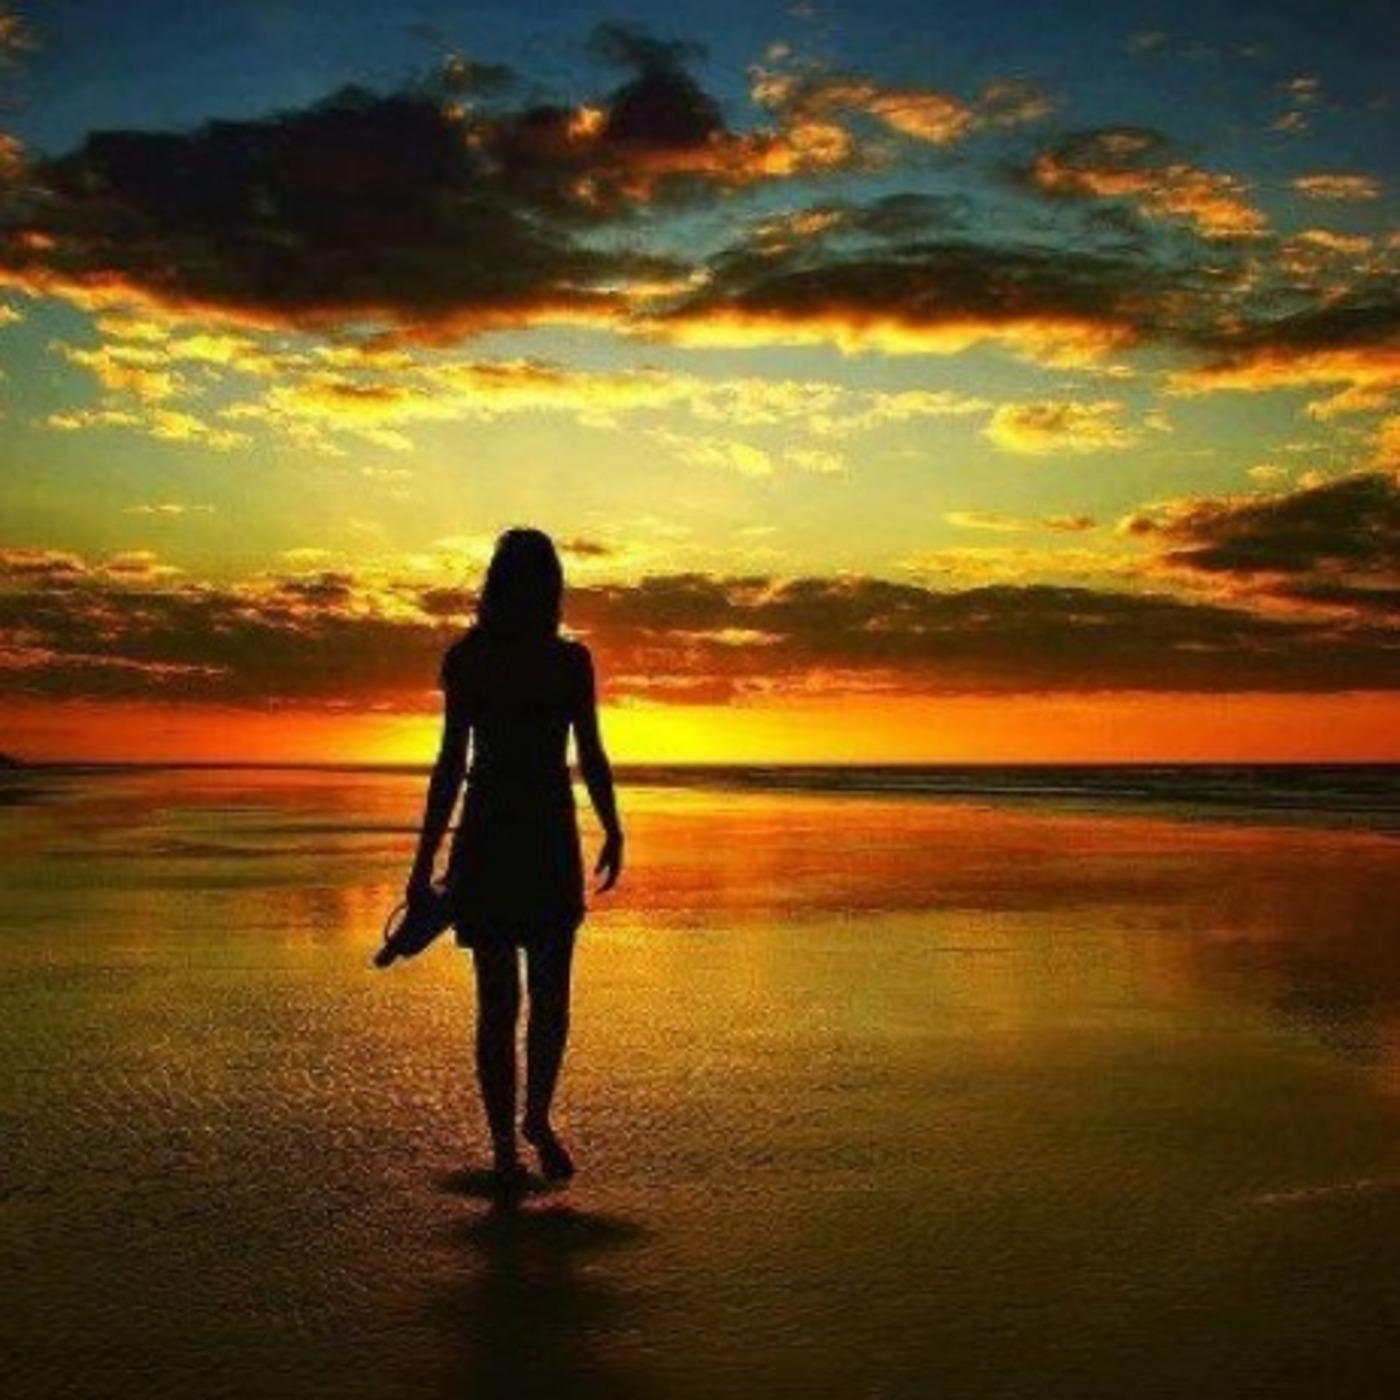 Фото силуэт девушки которая стоит на берегу моря на закате